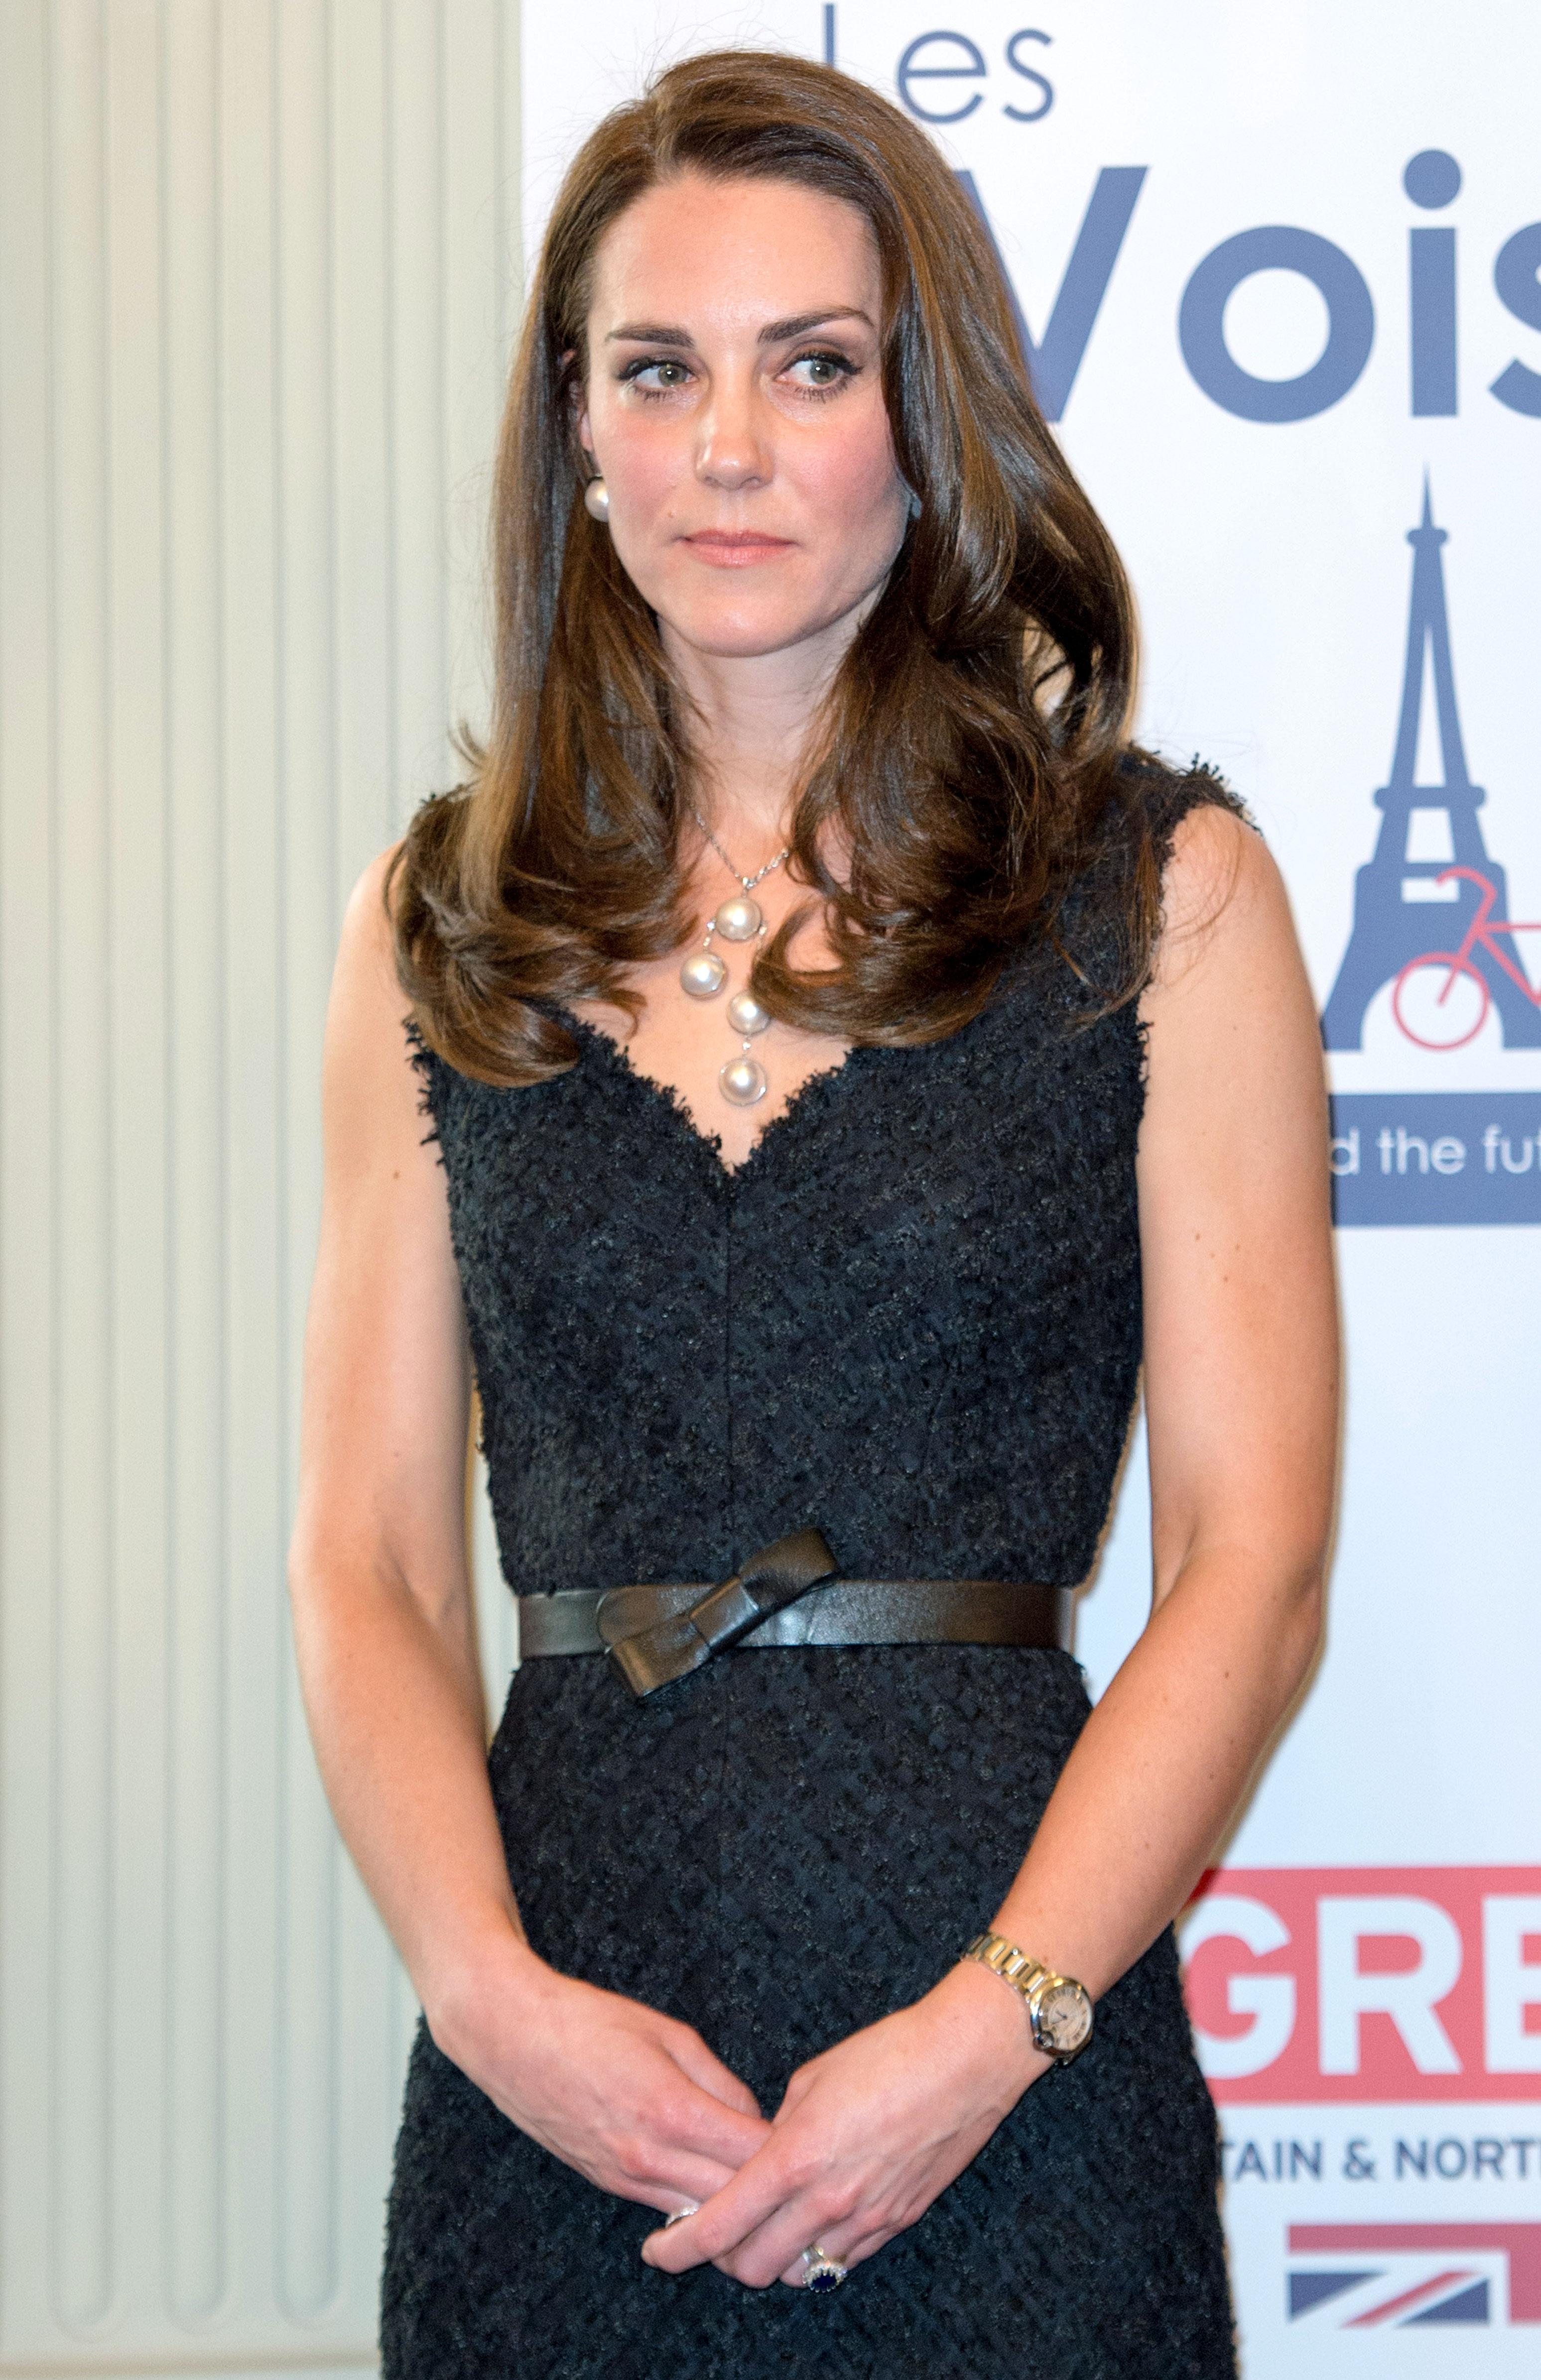 b7dc04a8a3b Duchess Kate works Parisian-chic in a textured dress. Stephane  Cardinale Corbis Getty ...